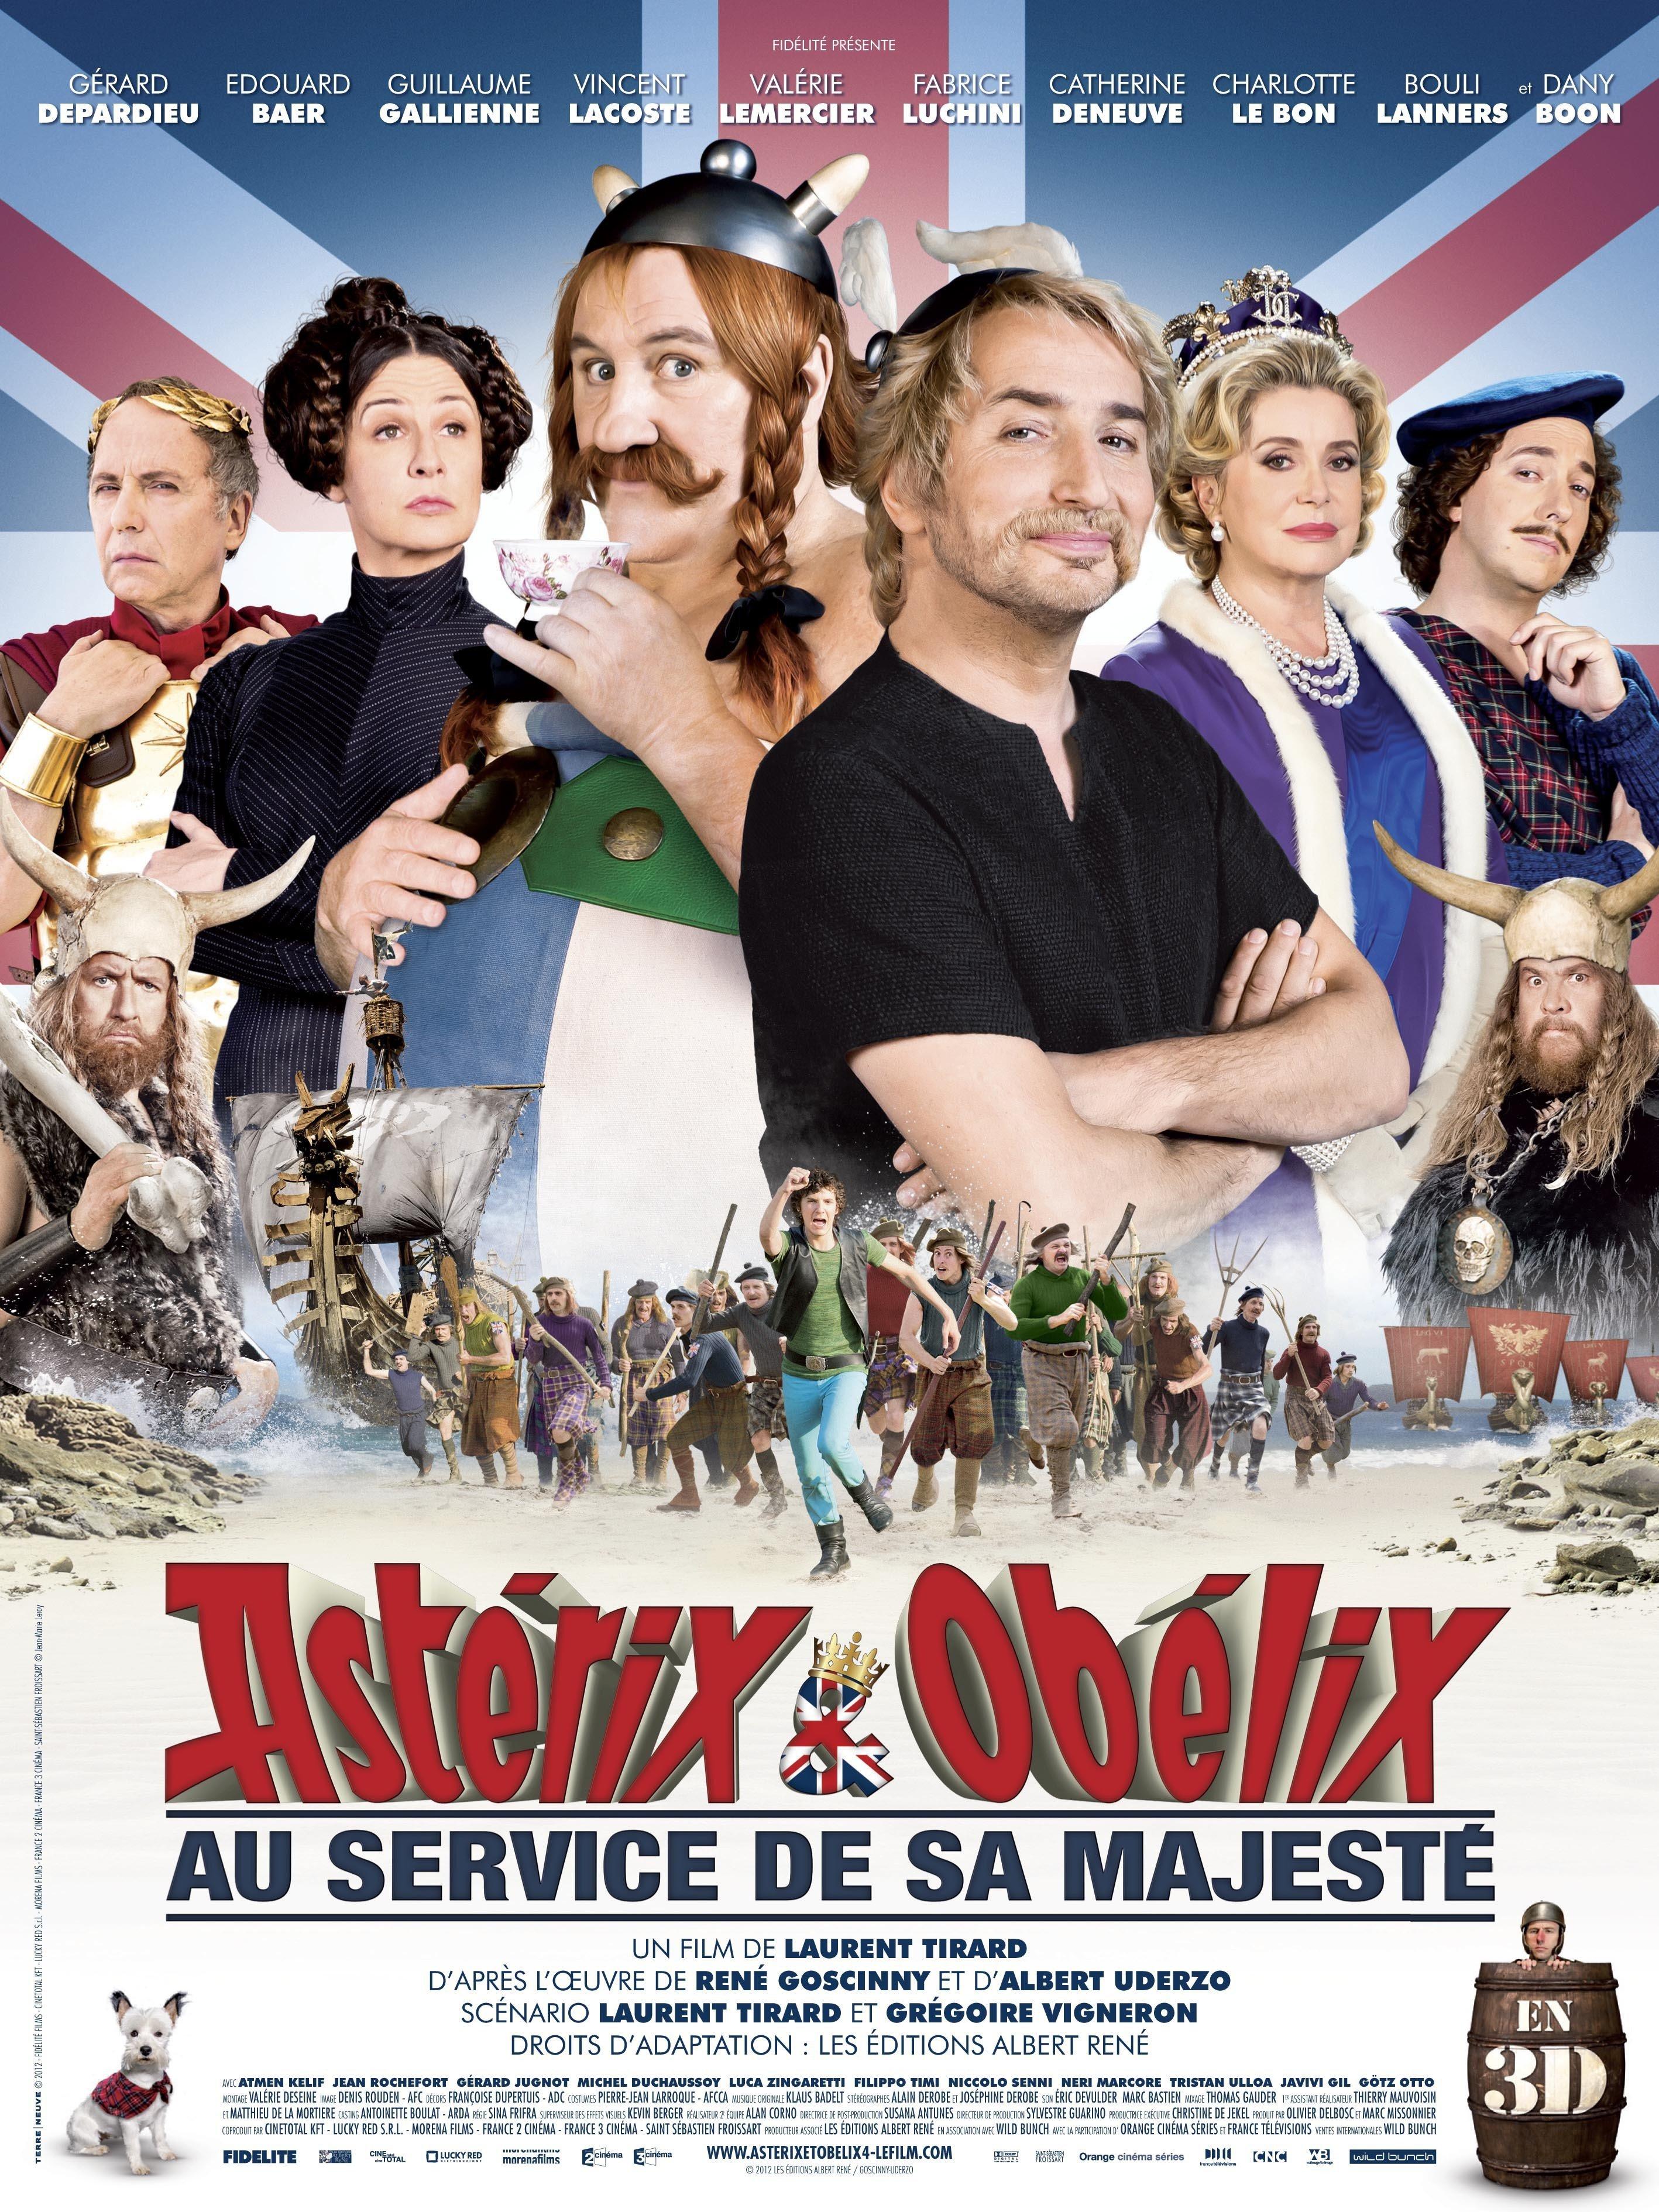 affiche du film Astérix & Obélix : Au service de sa Majesté